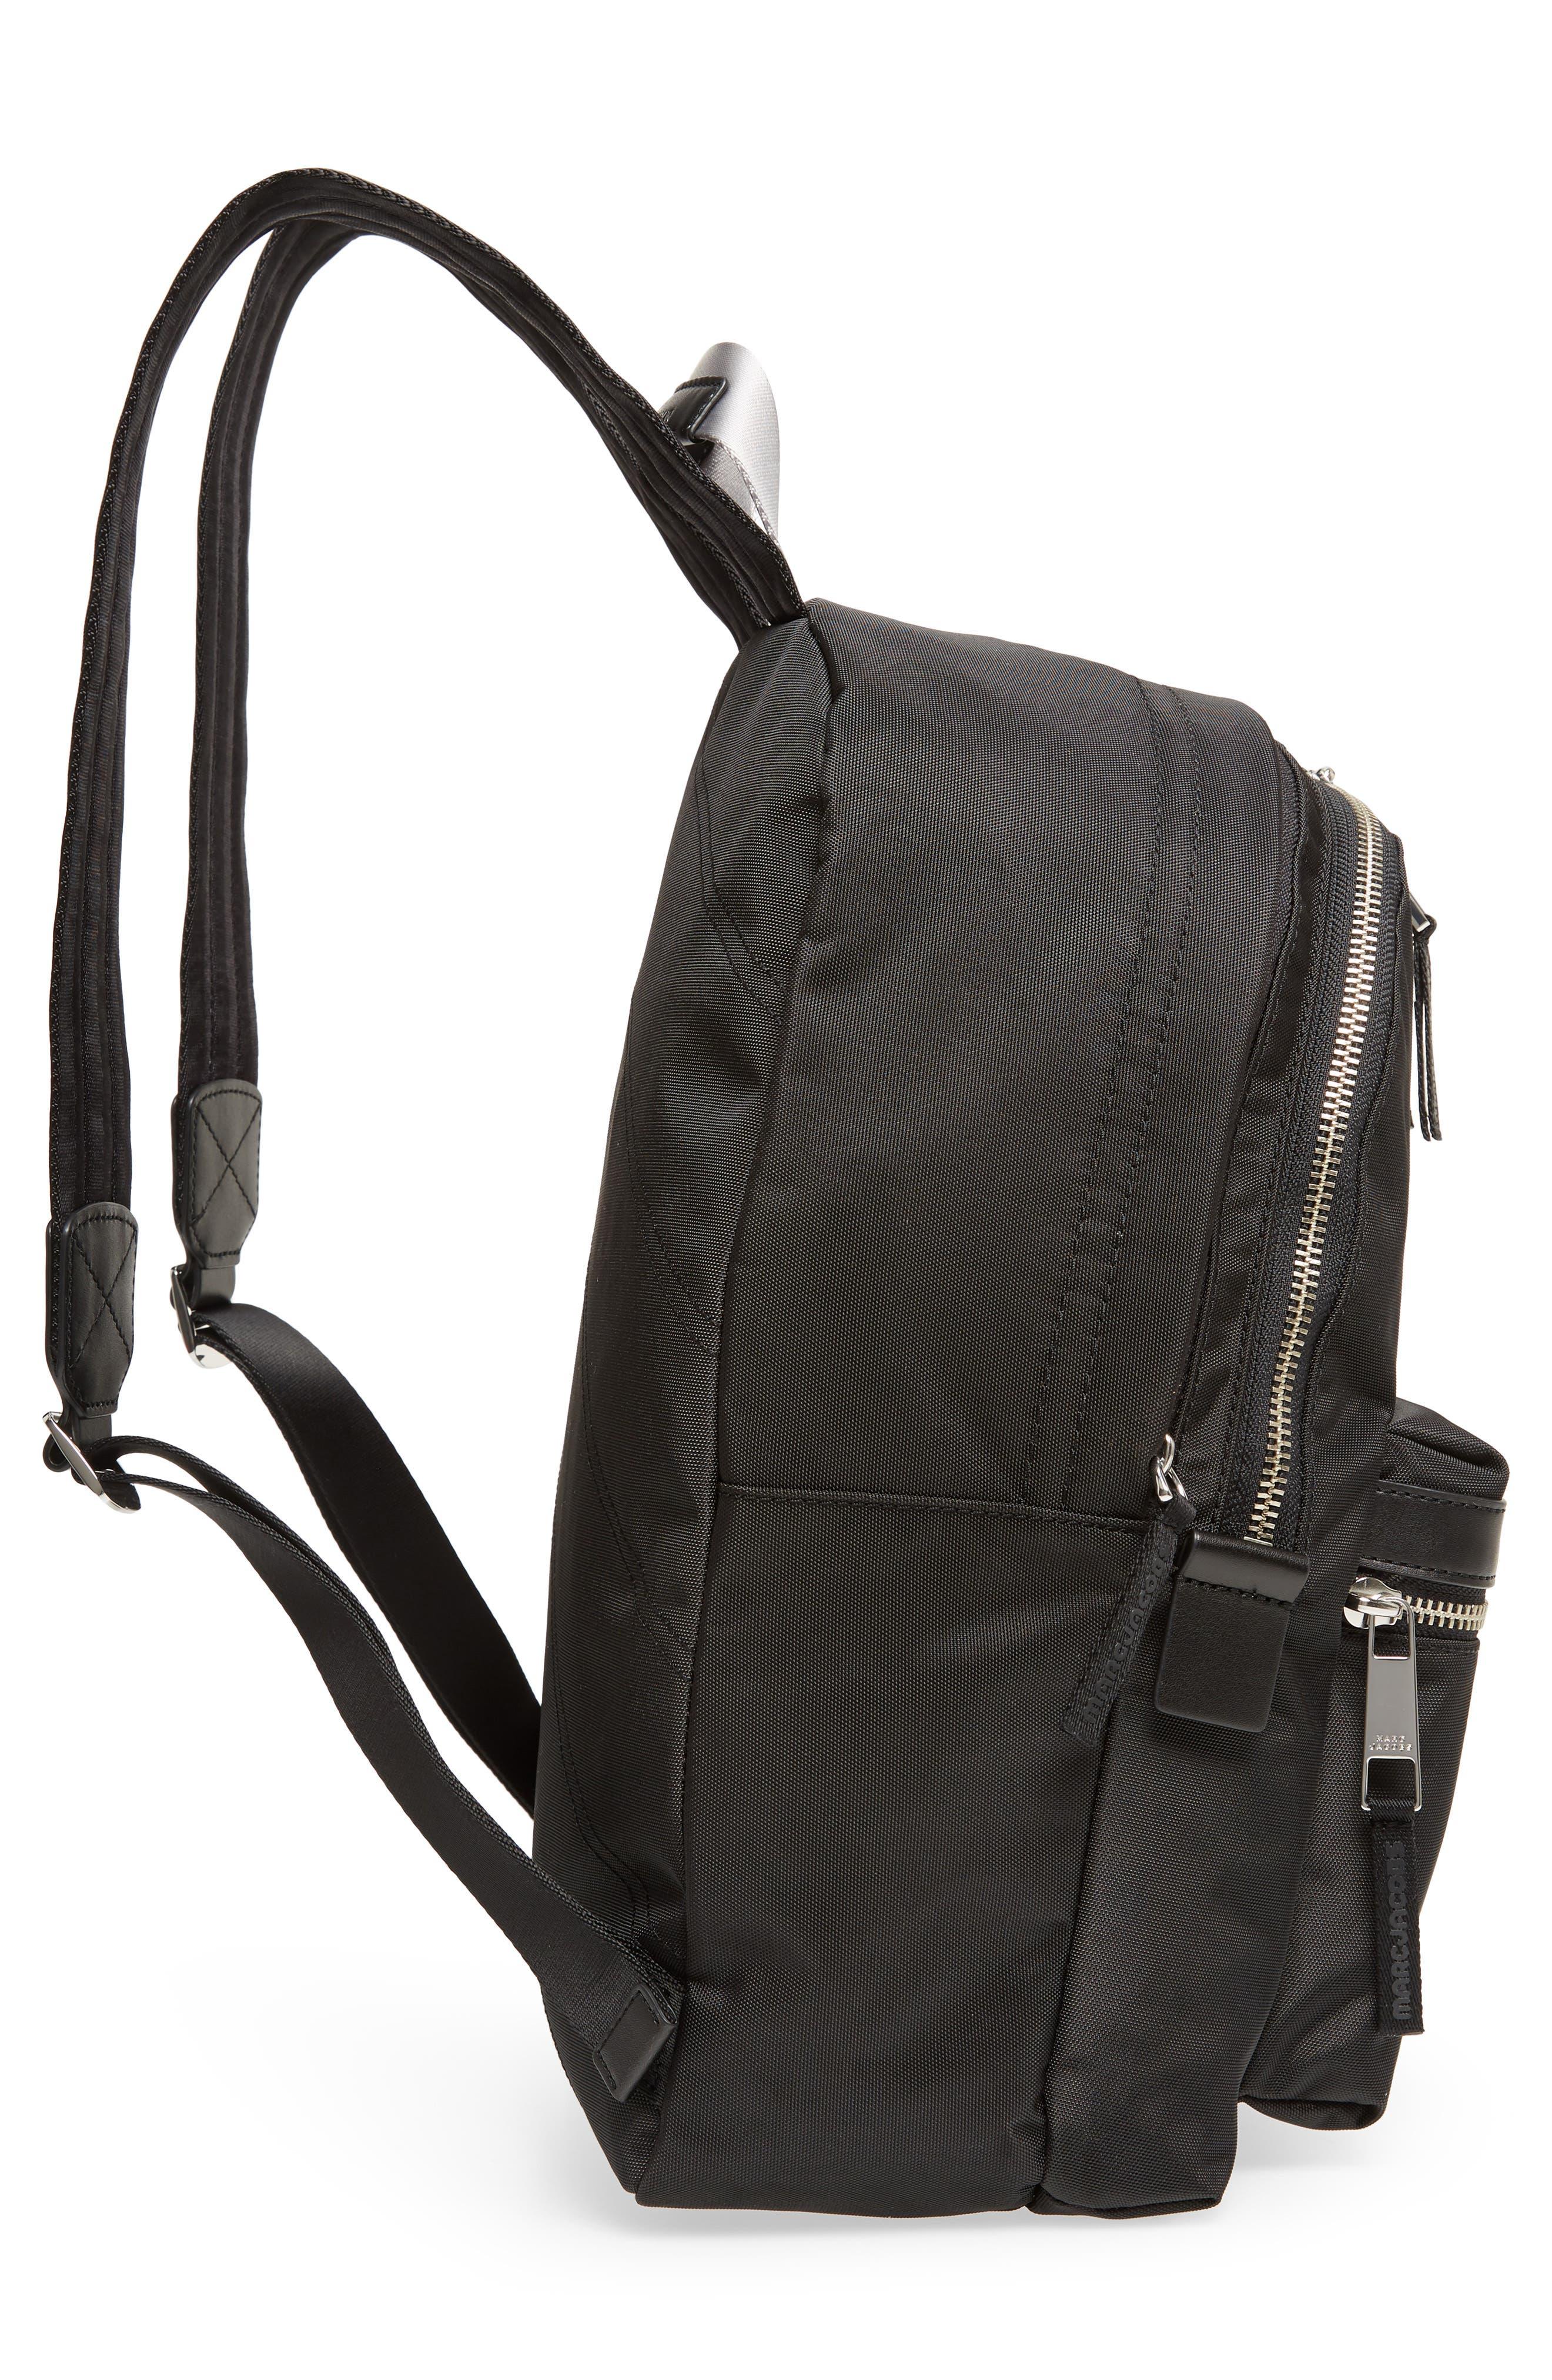 Large Sport Trek Nylon Backpack,                             Alternate thumbnail 5, color,                             BLACK